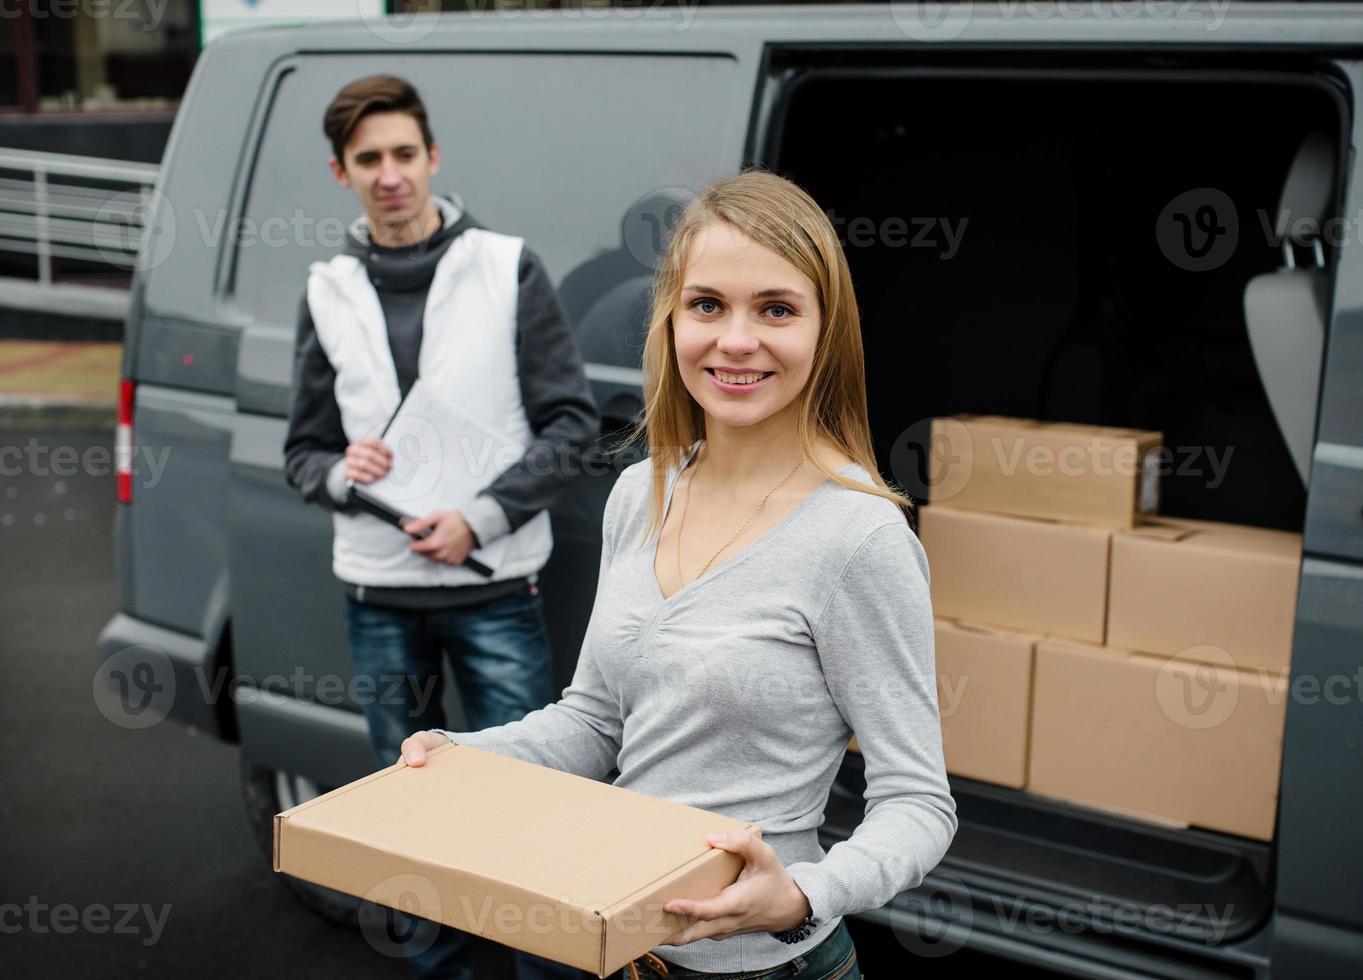 femme heureuse reçoit un colis du service de livraison. photo